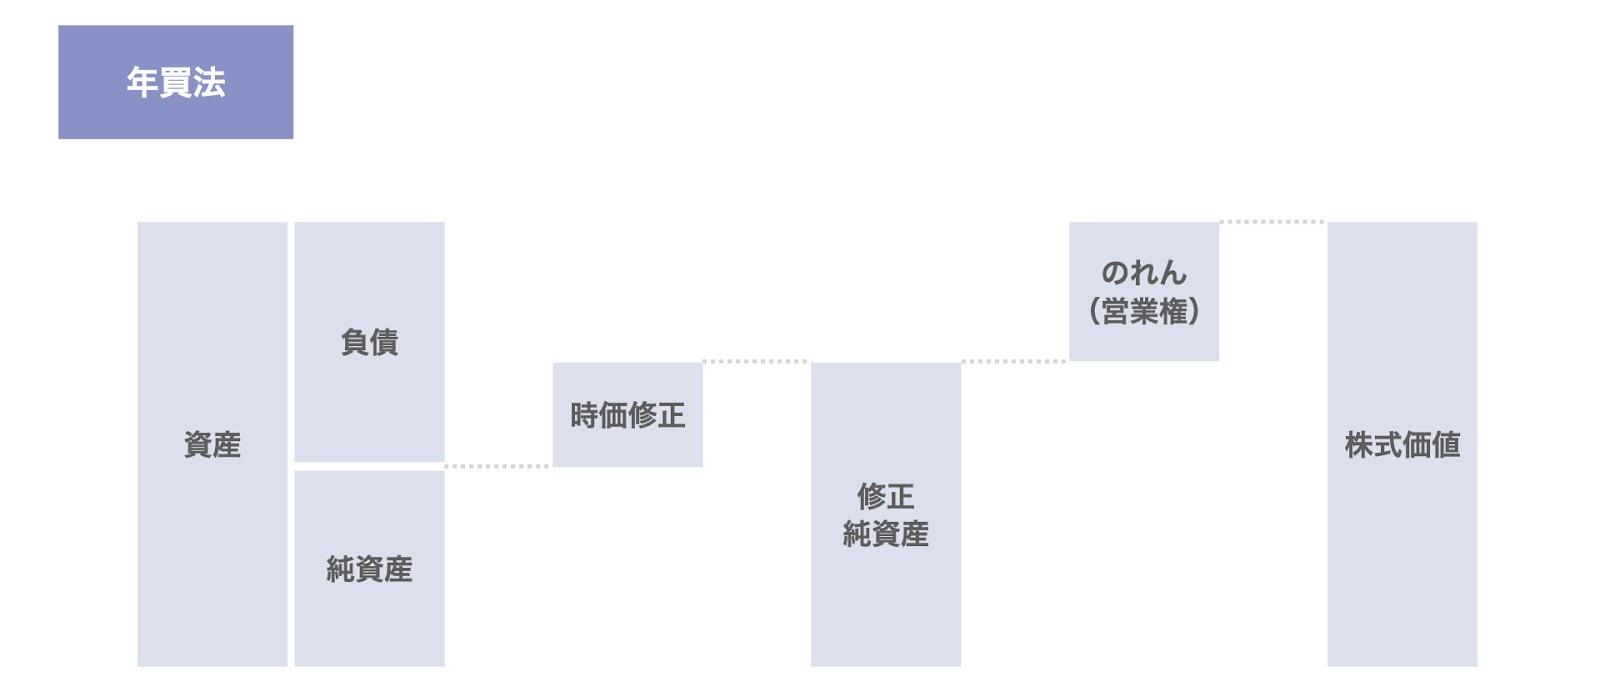 年買法(修正純資産+のれん)